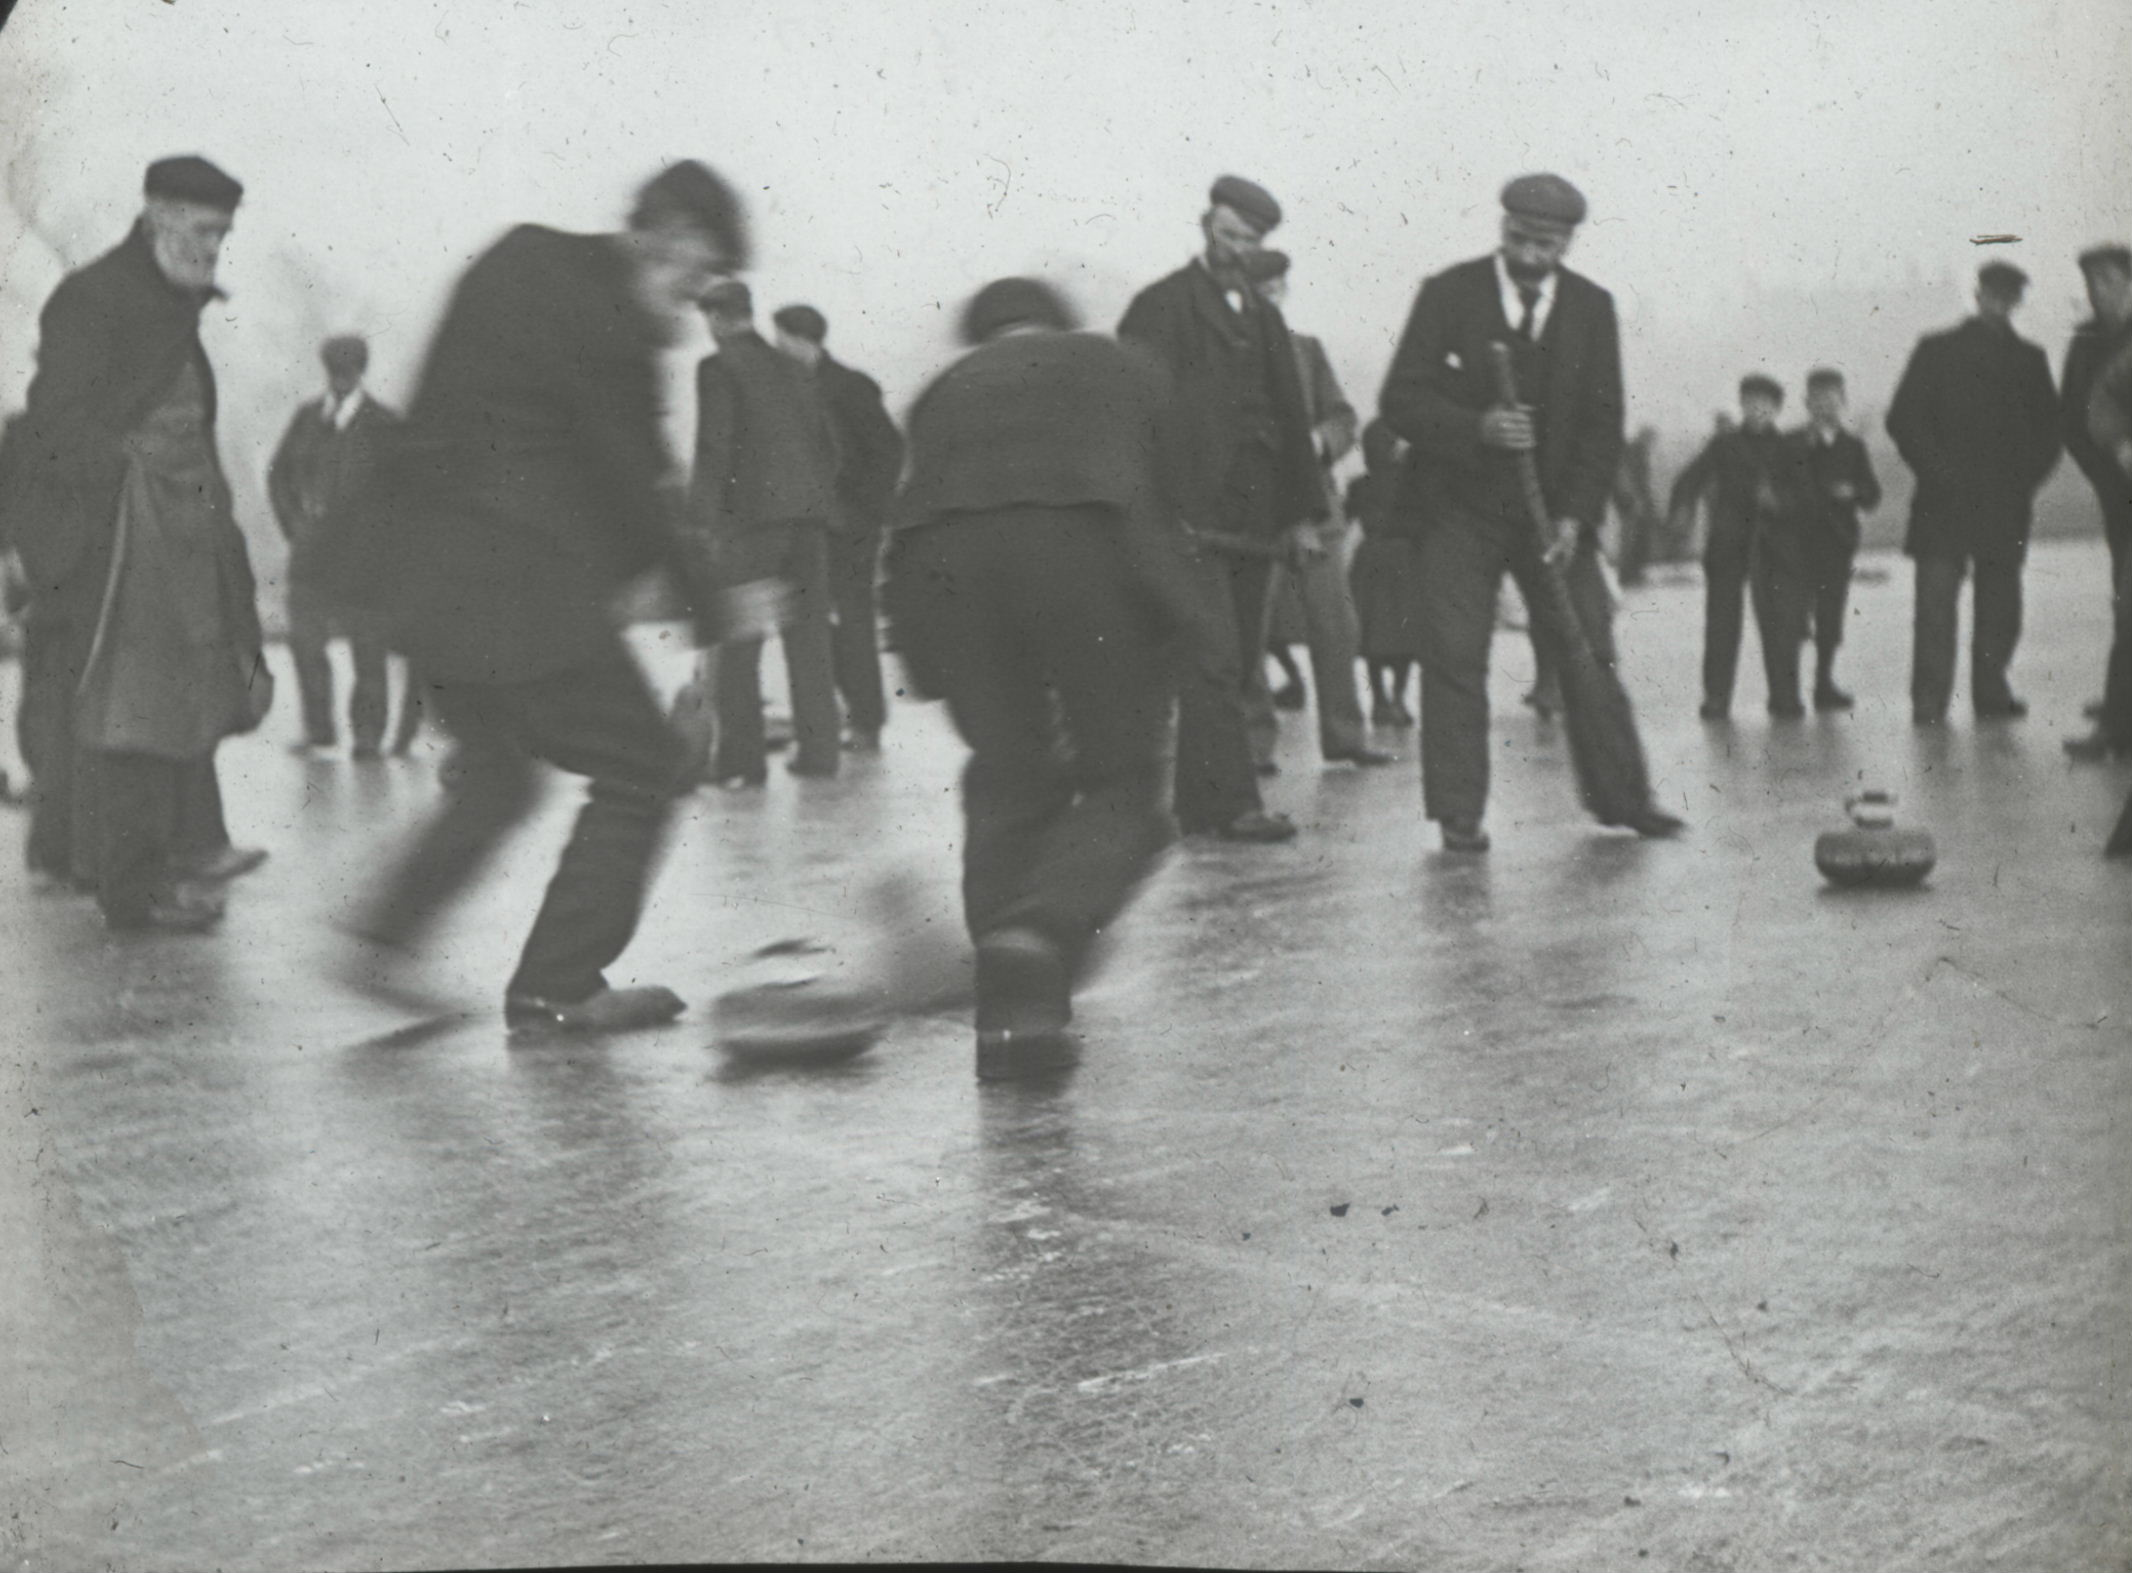 186-tilework-curling